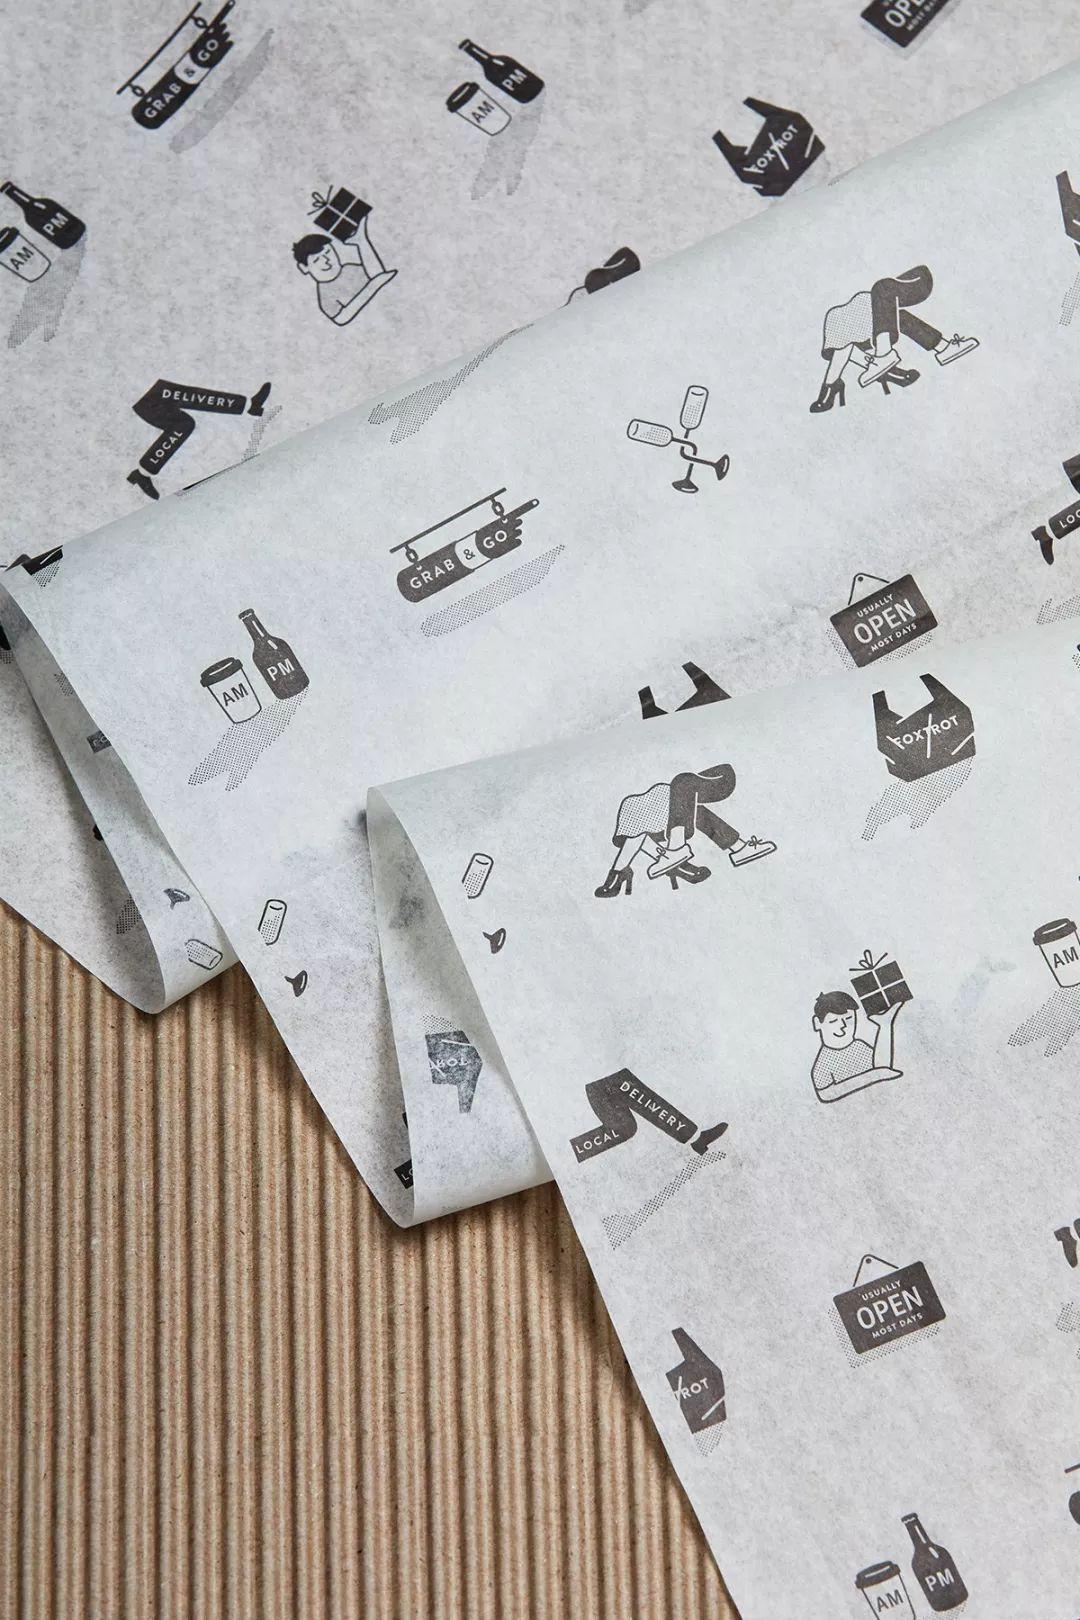 Foxtrot Delivery Market咖啡馆品牌视觉设计